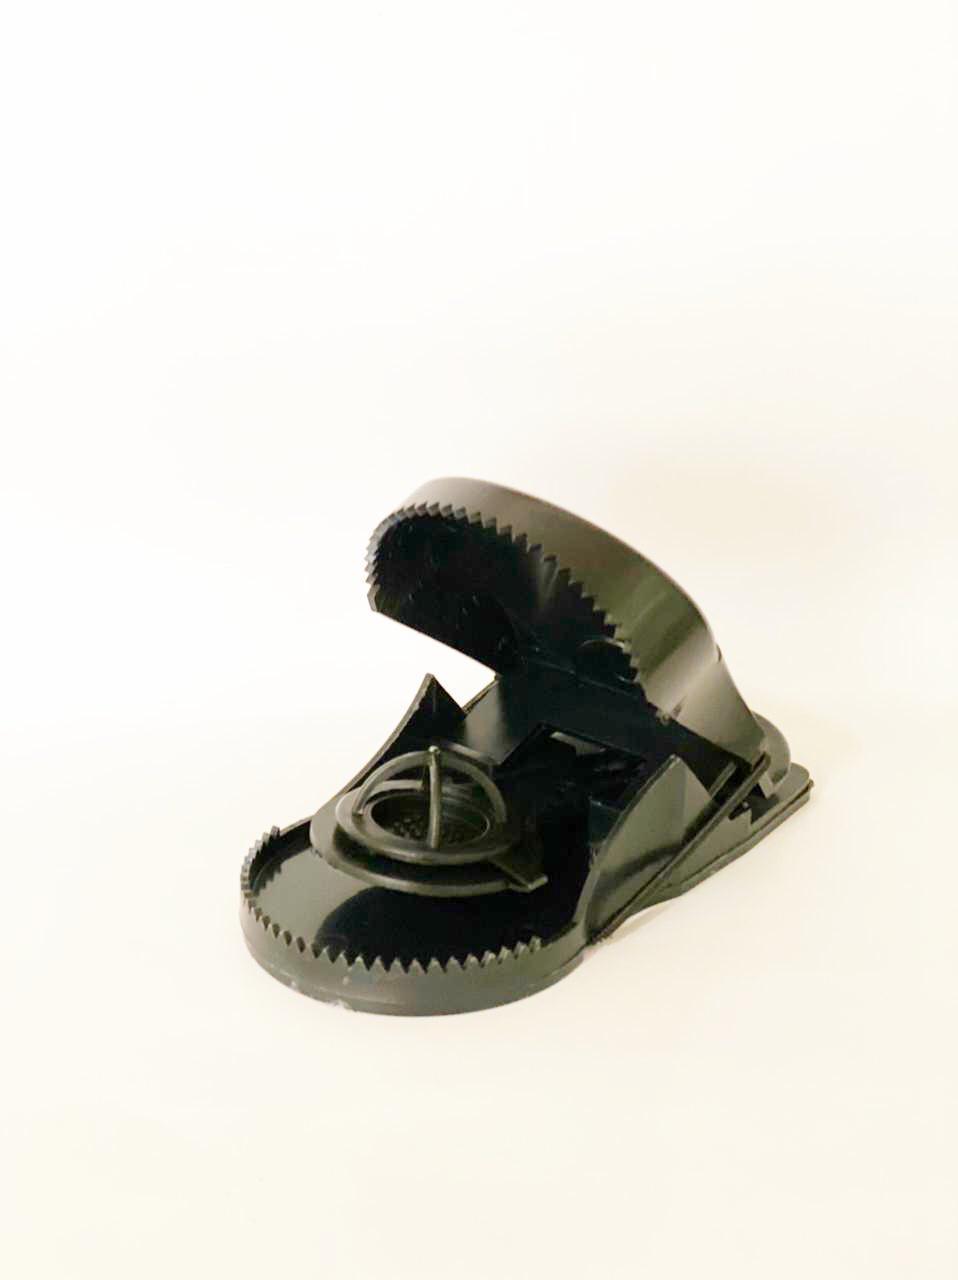 Механическая ловушка для крыс Mr mouse пластик